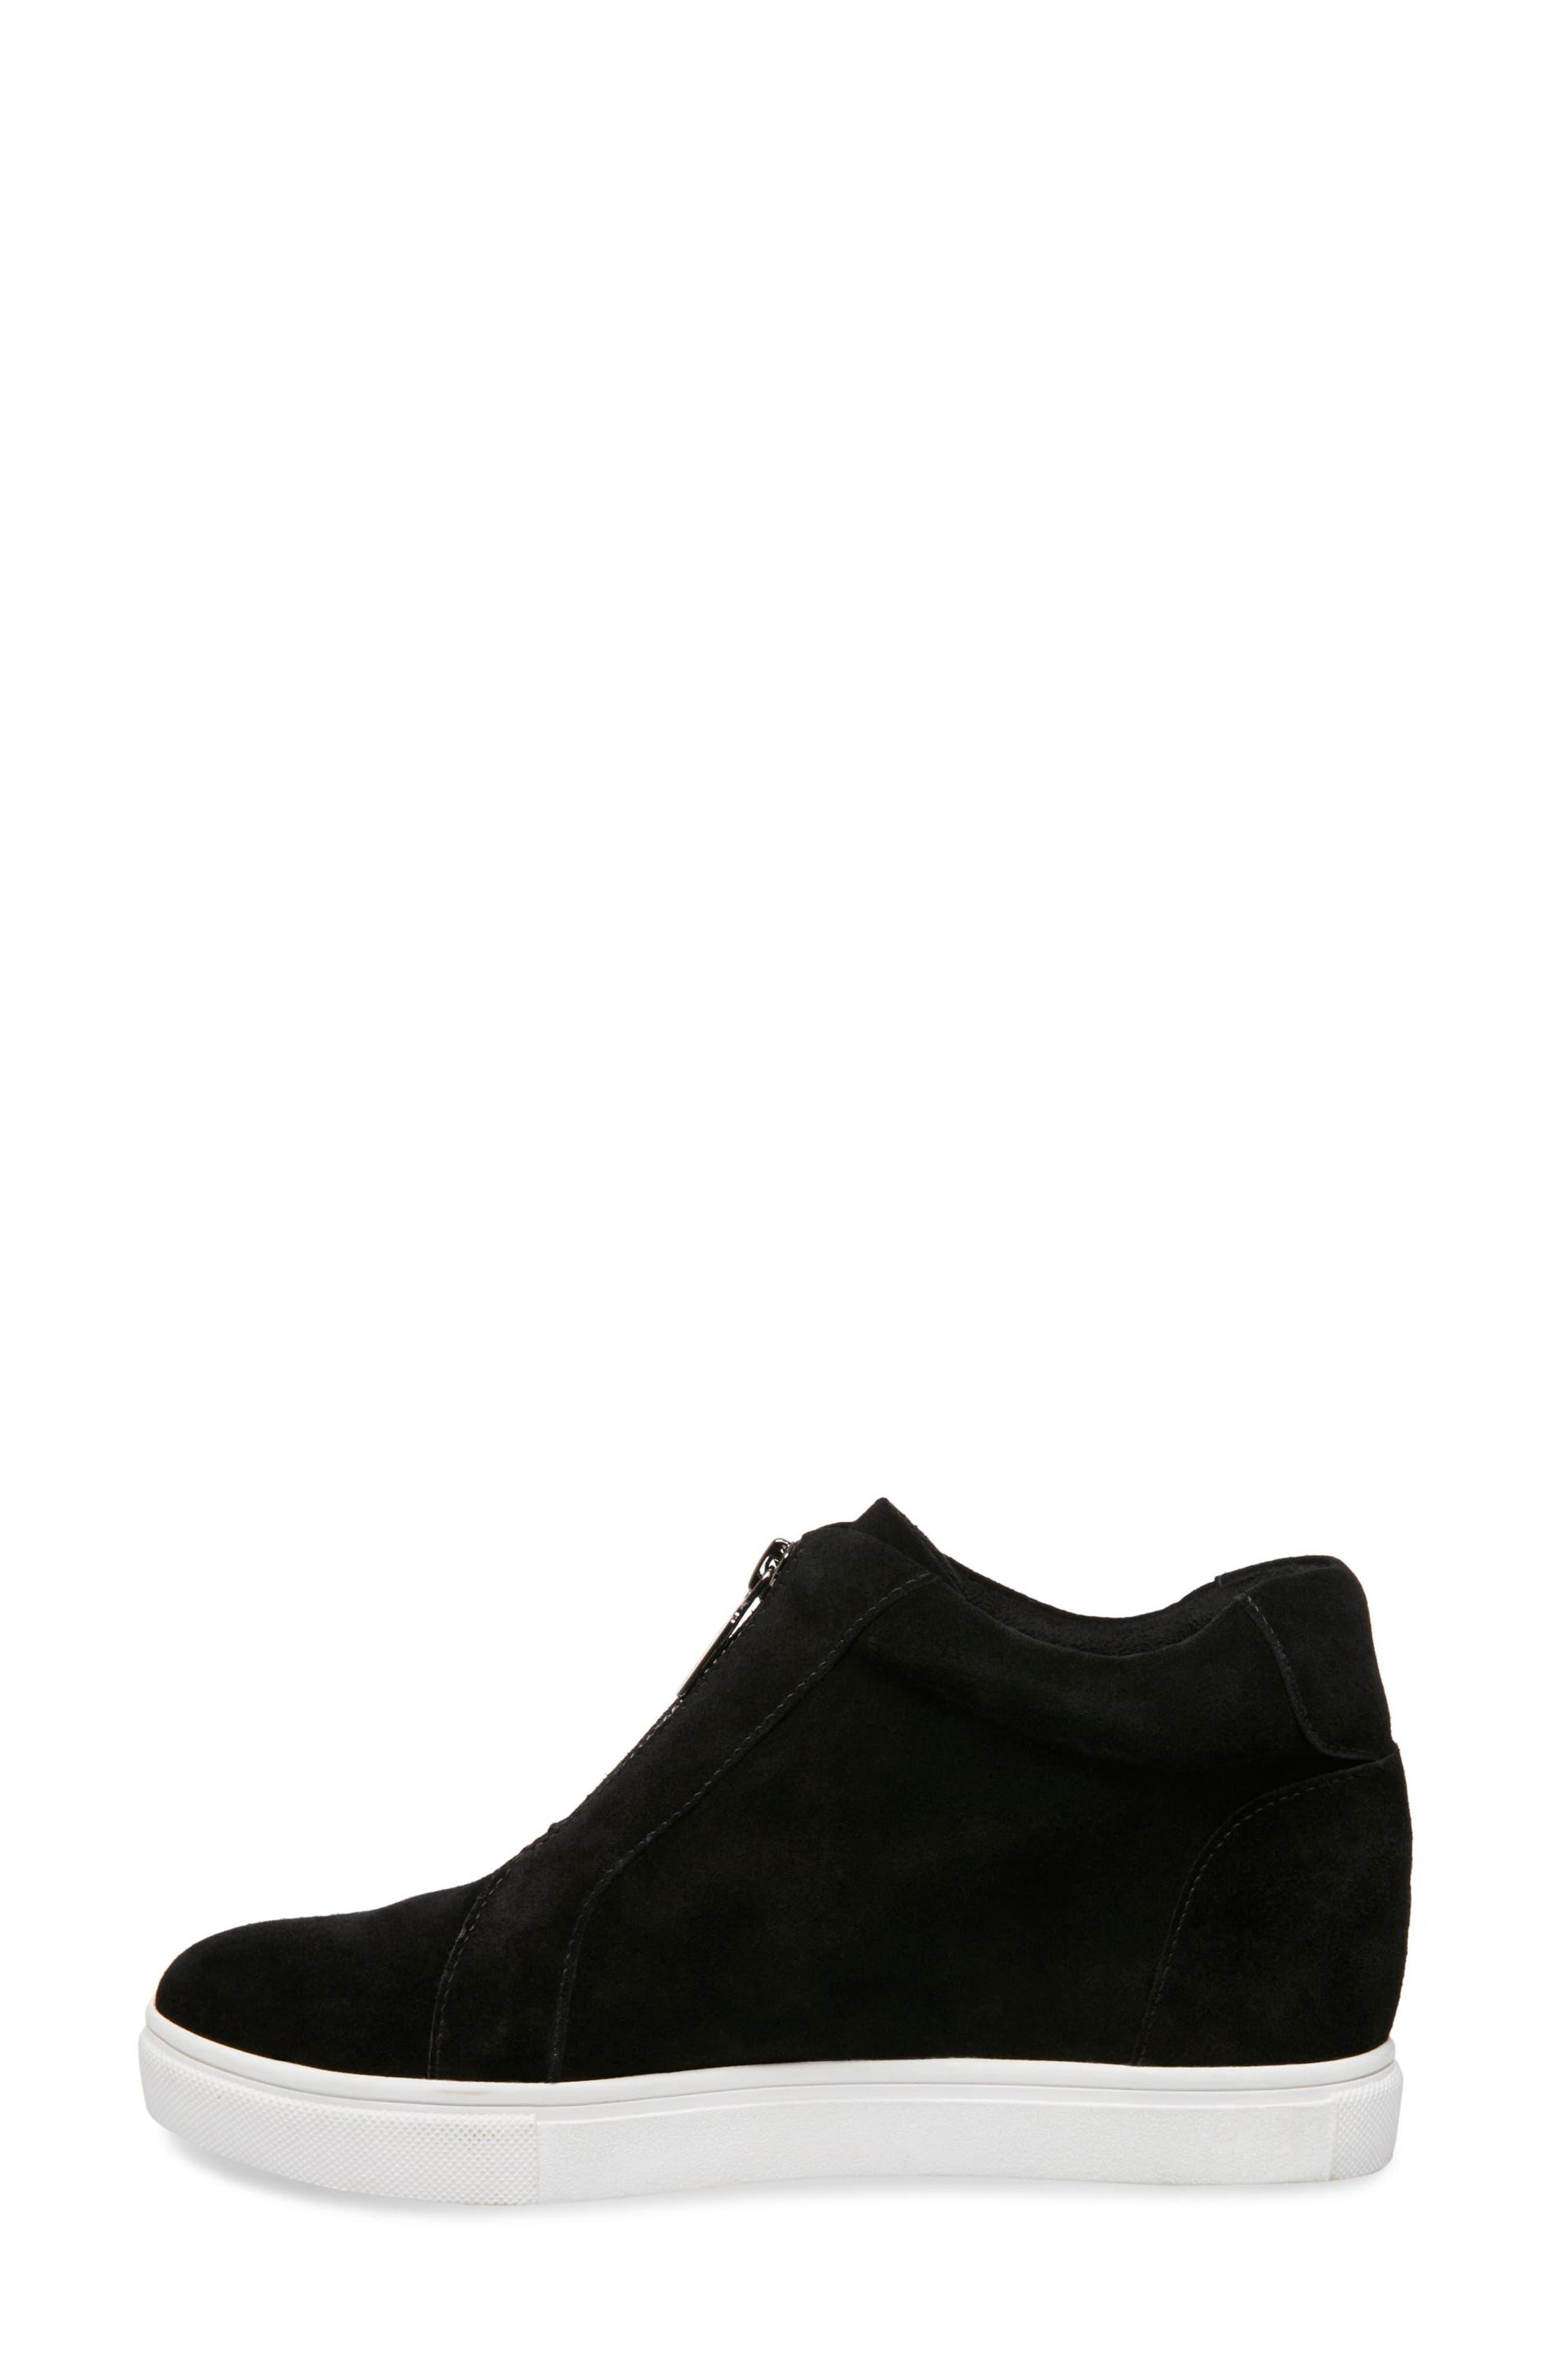 BLONDO, Glenda Waterproof Sneaker Bootie, Alternate thumbnail 2, color, BLACK SUEDE